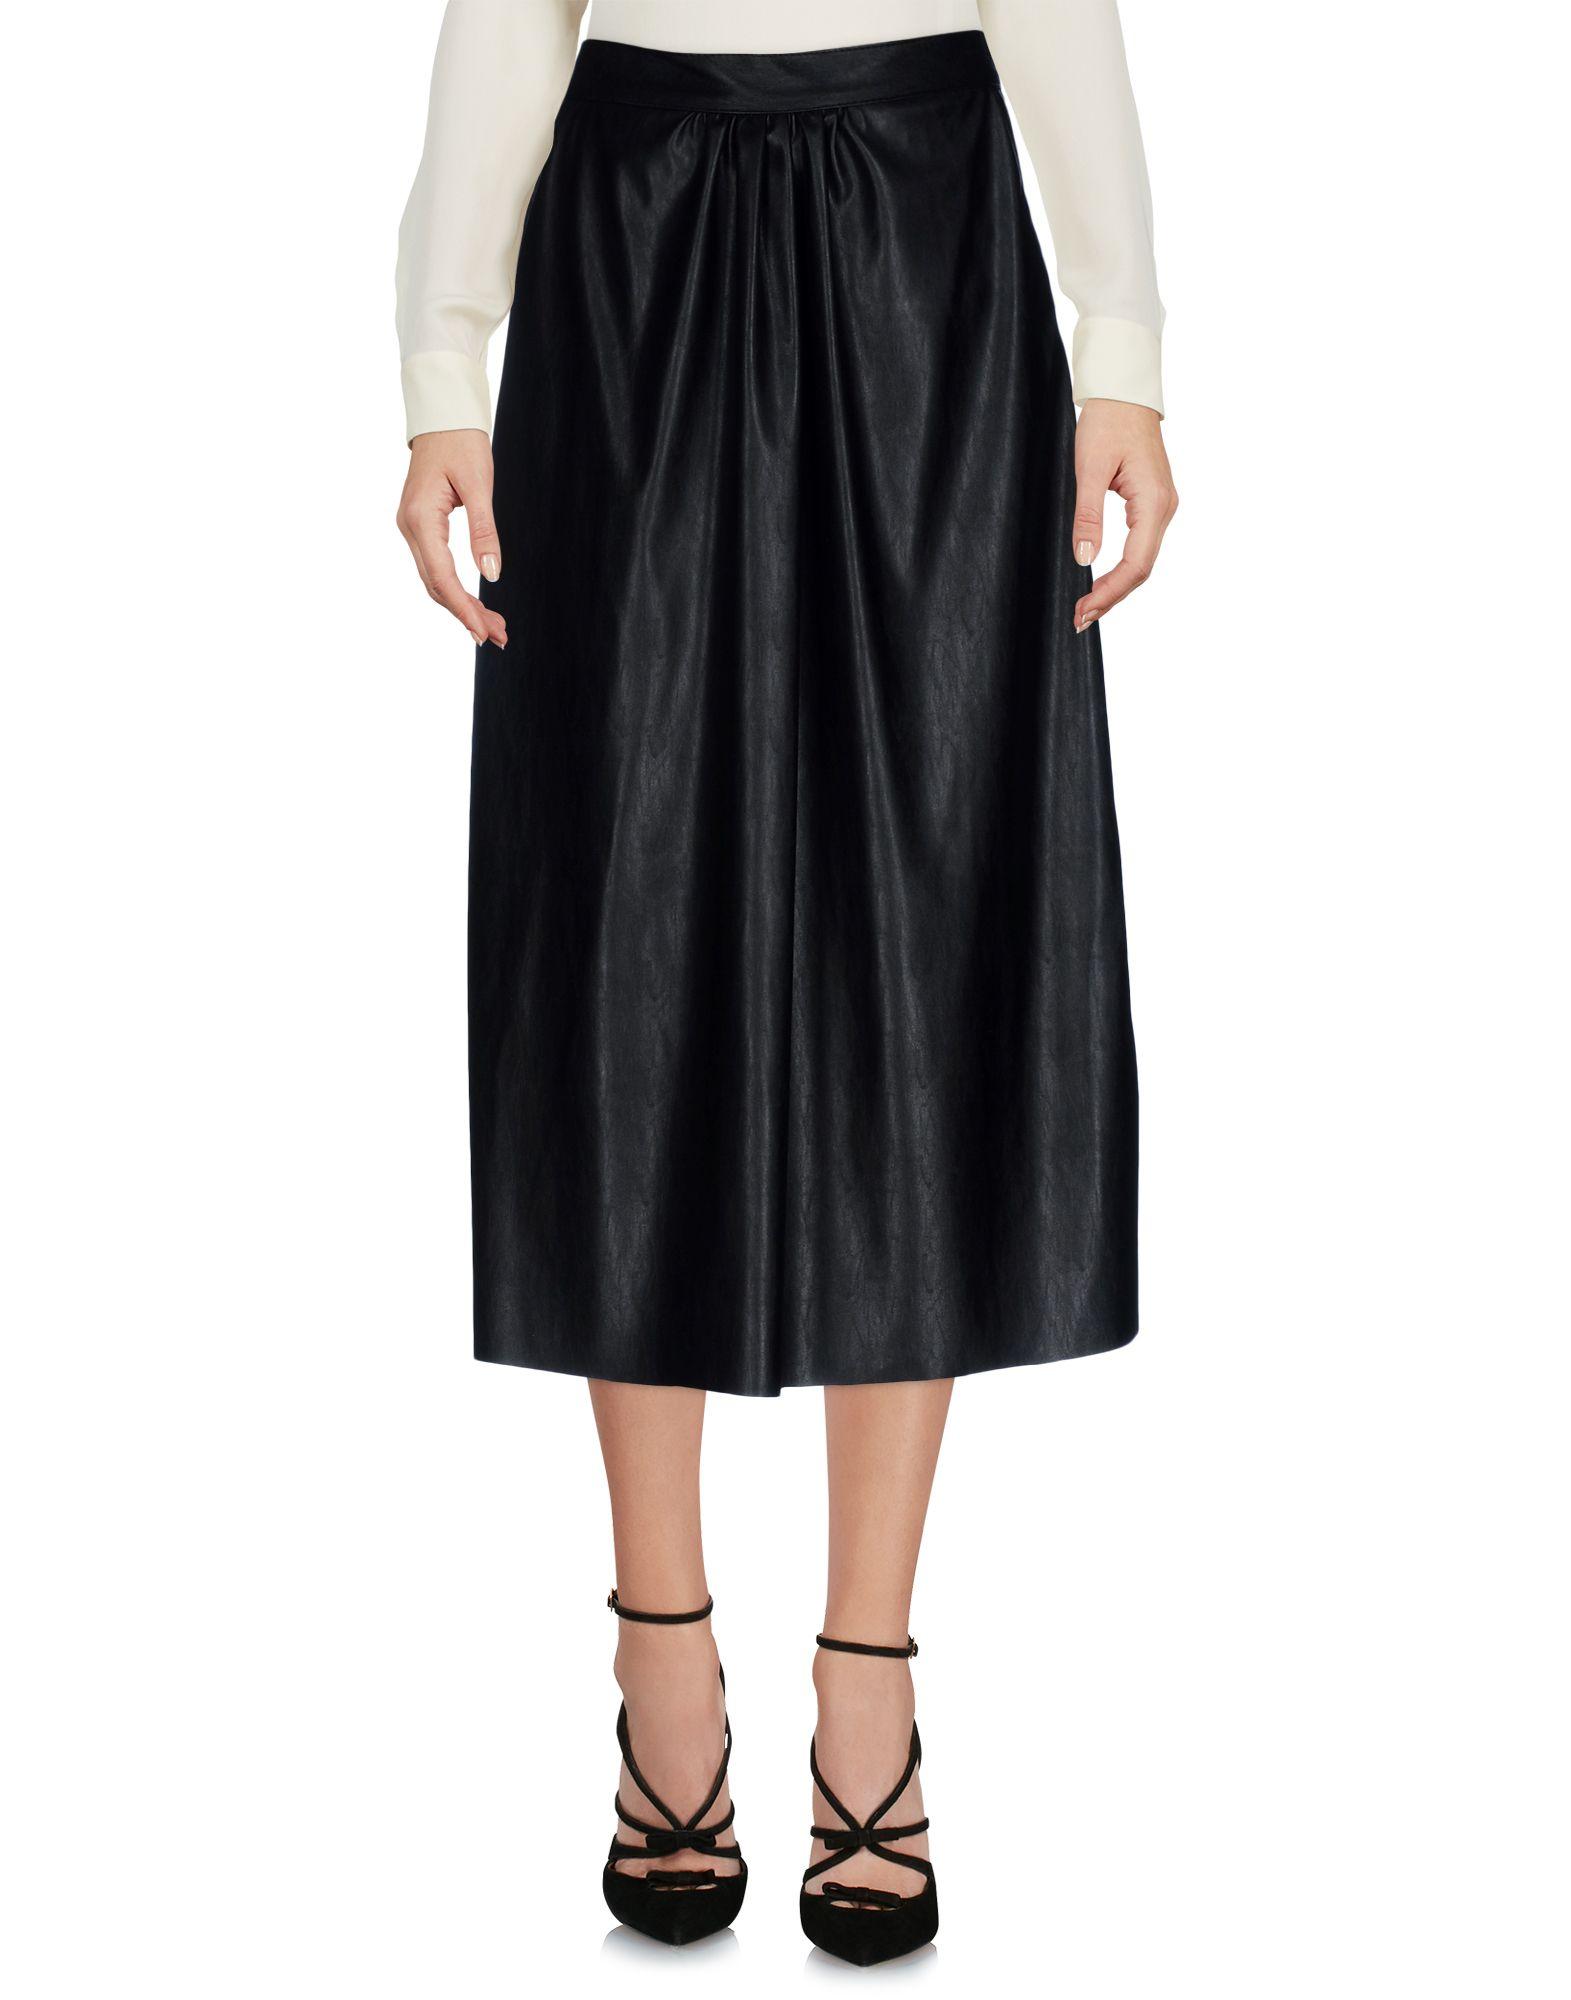 《送料無料》KAOS レディース 7分丈スカート ブラック 40 ポリウレタン 100%